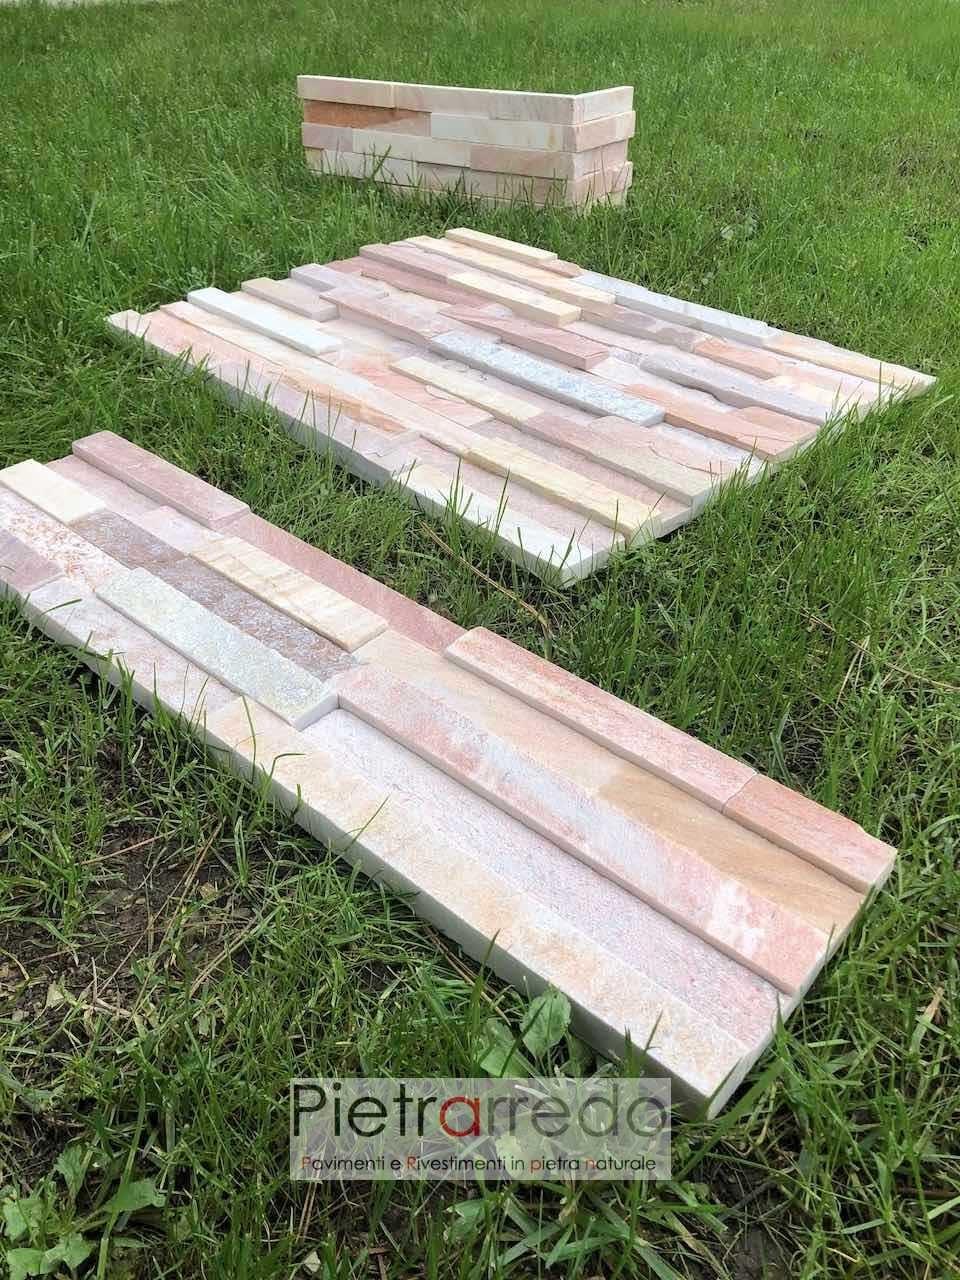 pietrarredo milano listelli muretti gontero quarzite rosa brasiliana prezzo offerta per rivestire pareti camini muri